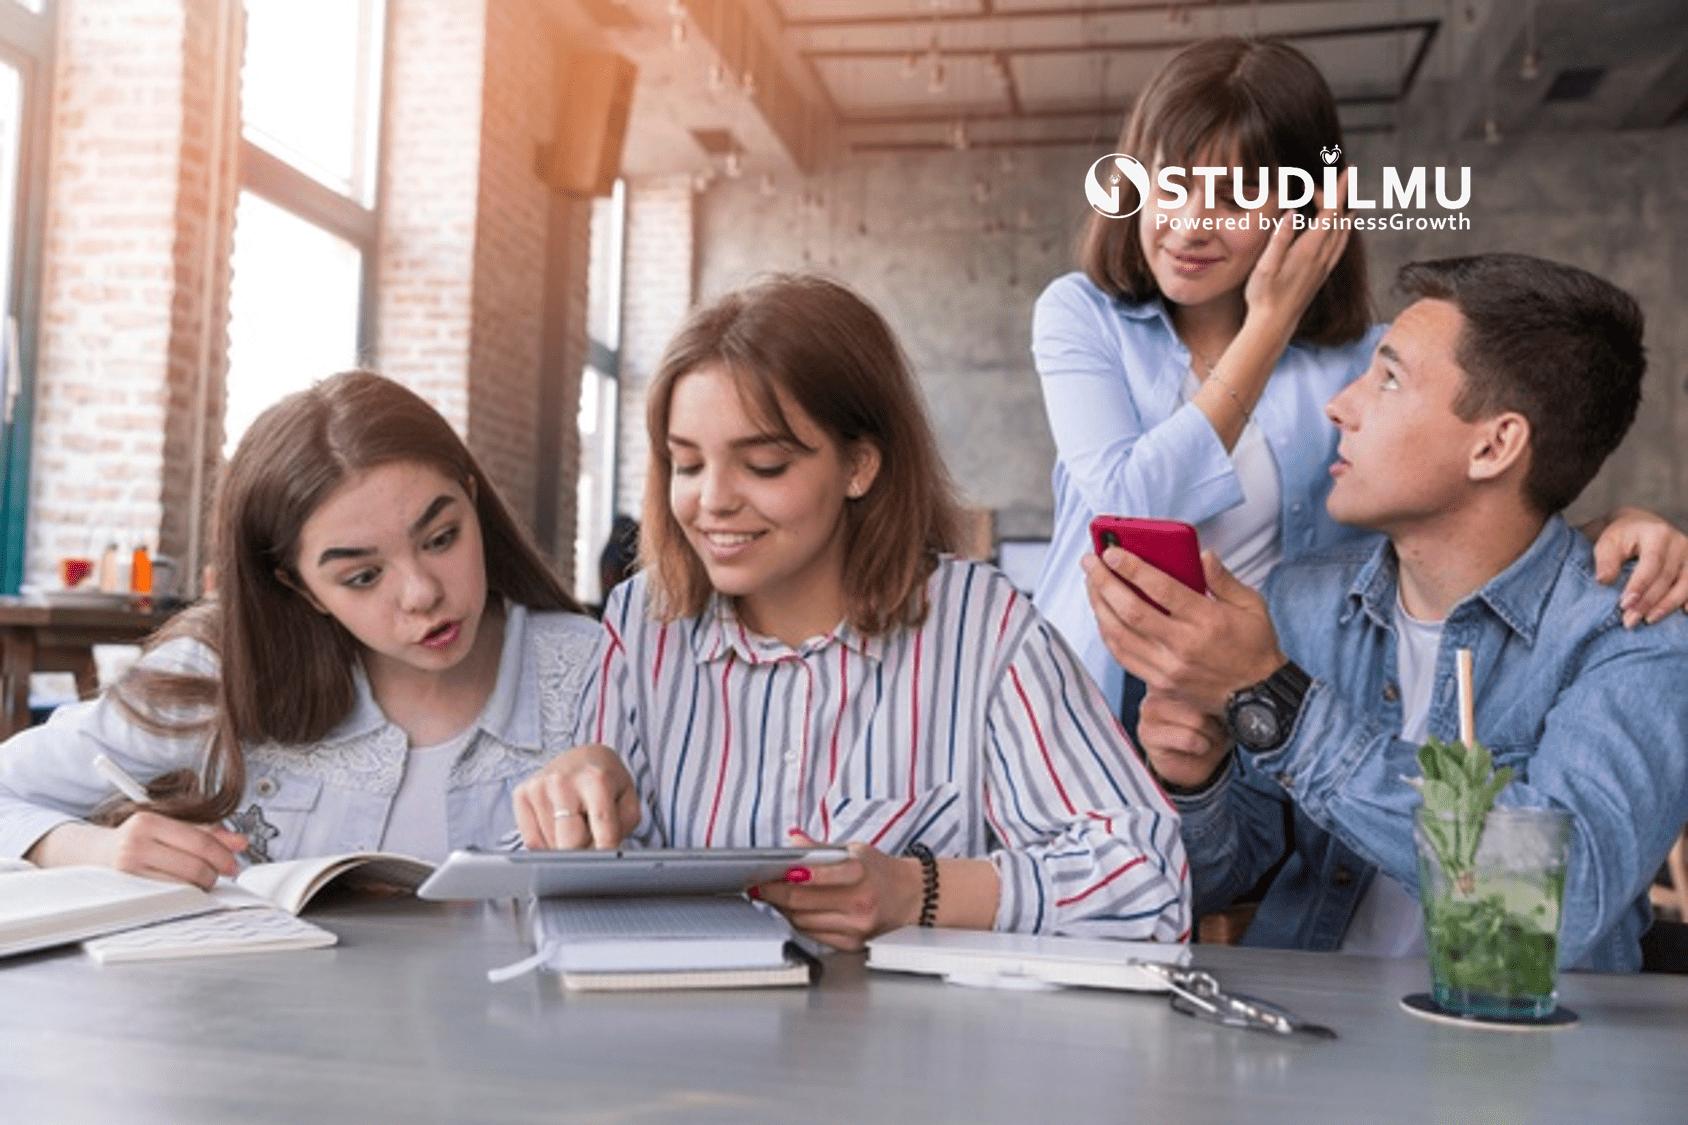 STUDILMU Career Advice - Peranan E-Learning dalam Pengembangan Karier